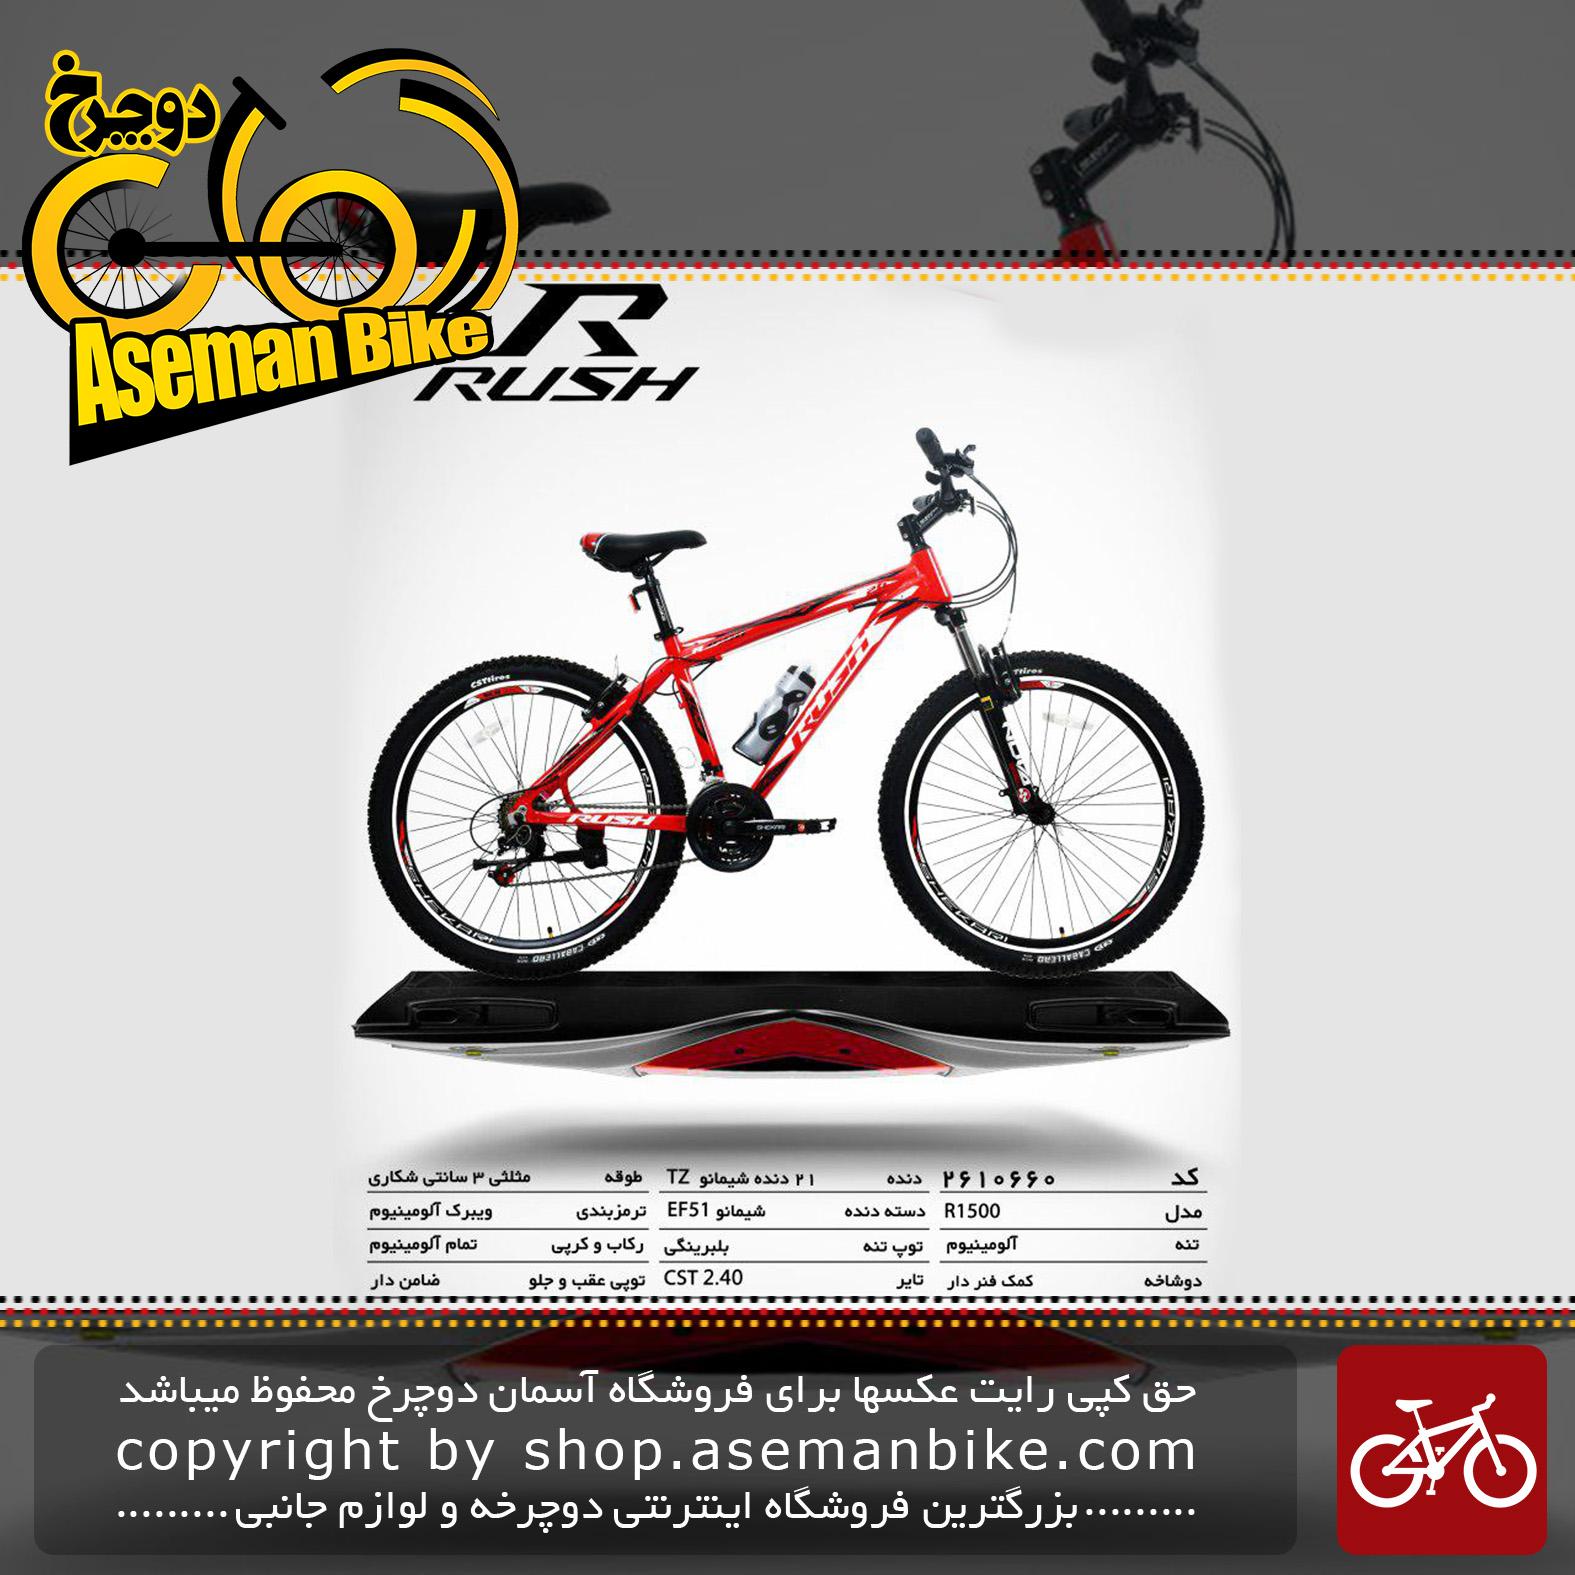 دوچرخه کوهستان شهری راش 21 دنده شیمانو تی زد تورنی مدل آر 1500 سایز 26تنه آلمینیوم ساخت تایوانrush bicycle 26 21 speed shimano tourney tz aluminum vb r1500 2019